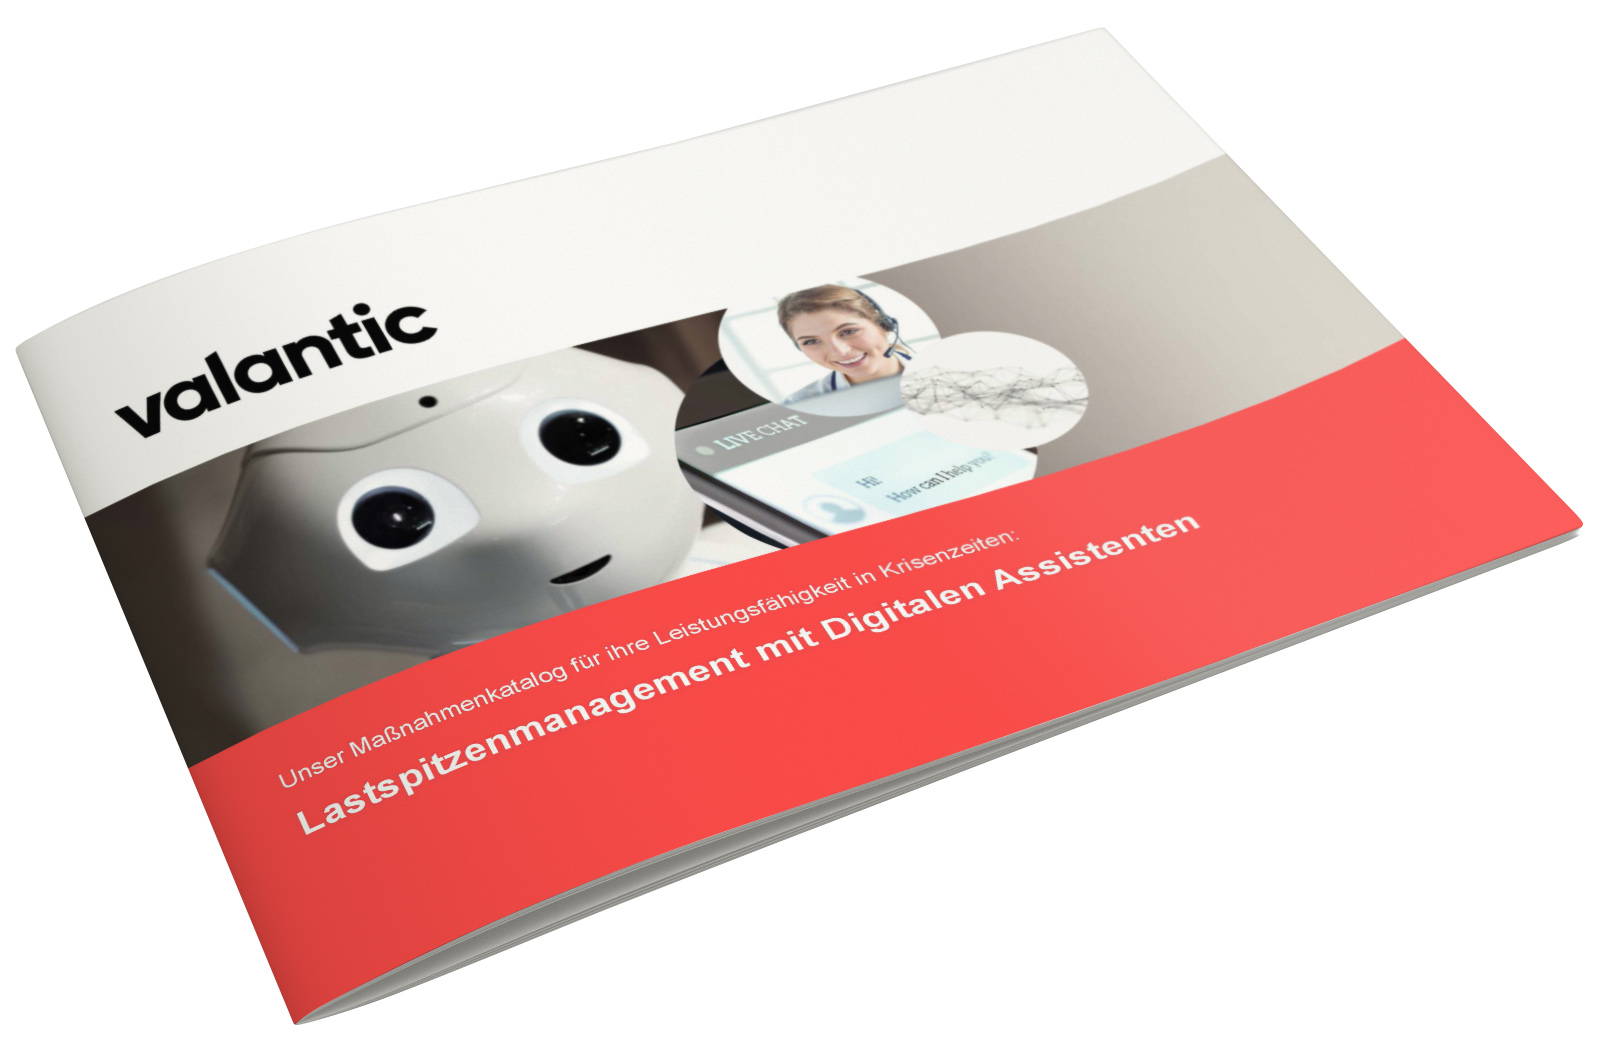 Bild einer Zeitschrift, valantic Maßnahmenpaket Digitaler Assistent und Chatbot Entwicklung